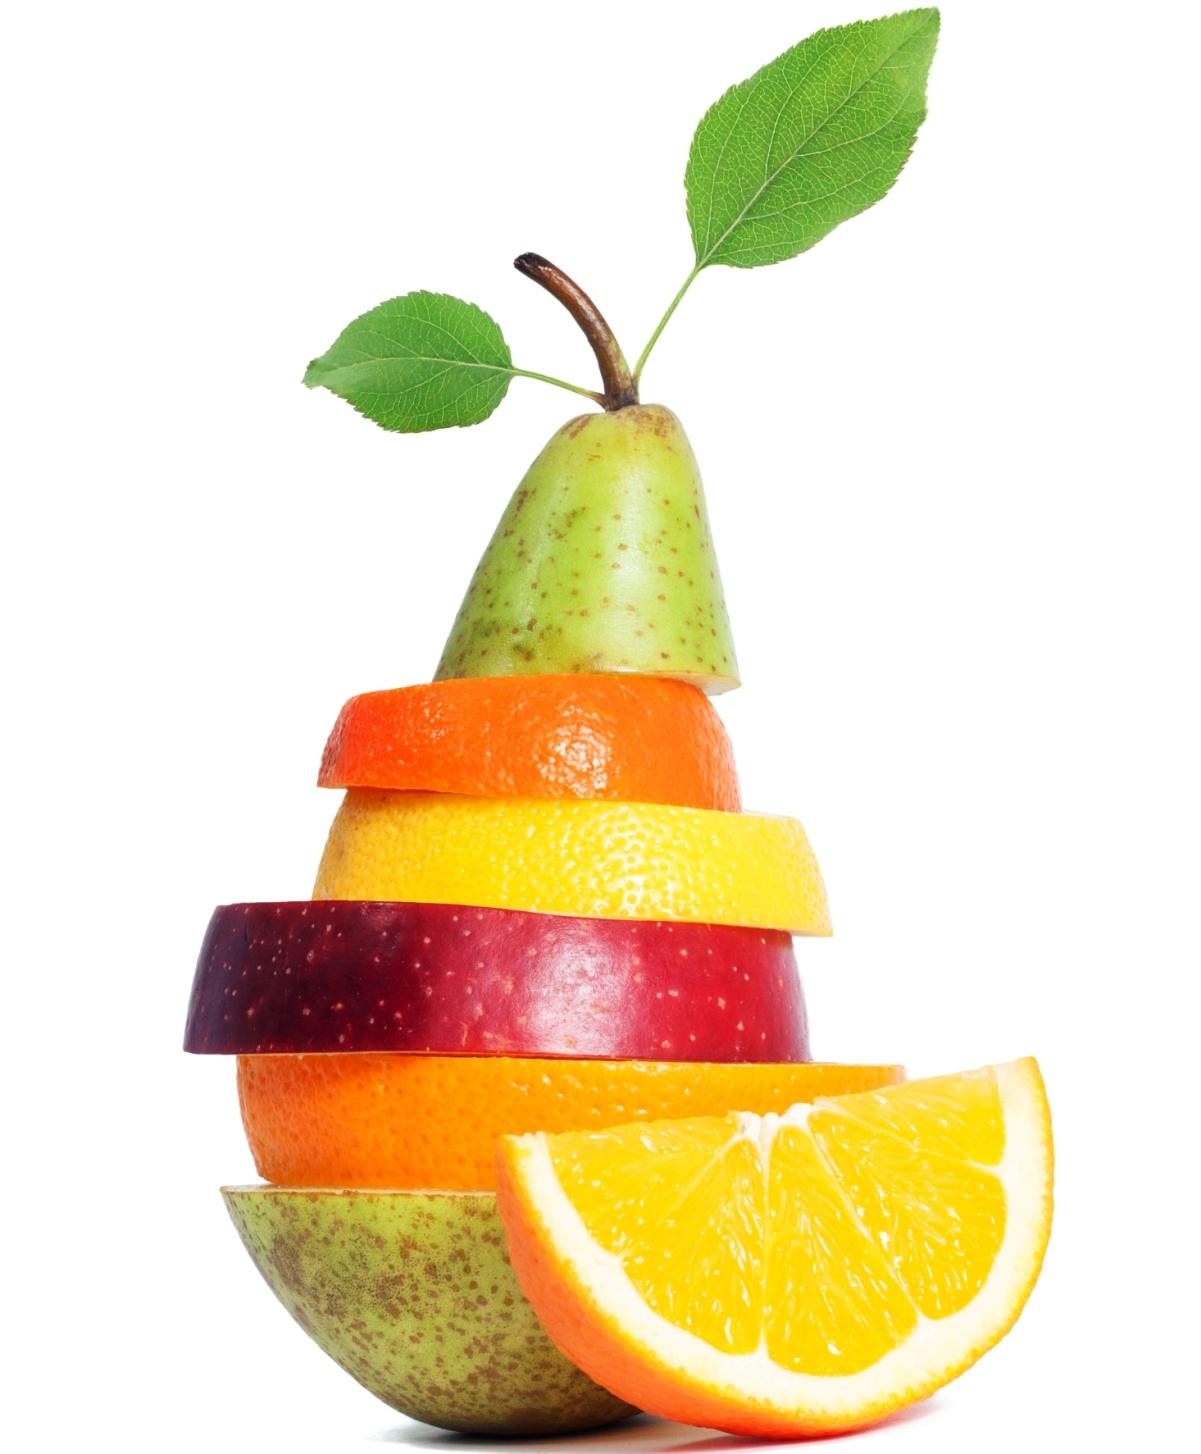 Frukt är gott! - Ullevi restaurang och konferens i Göteborg.